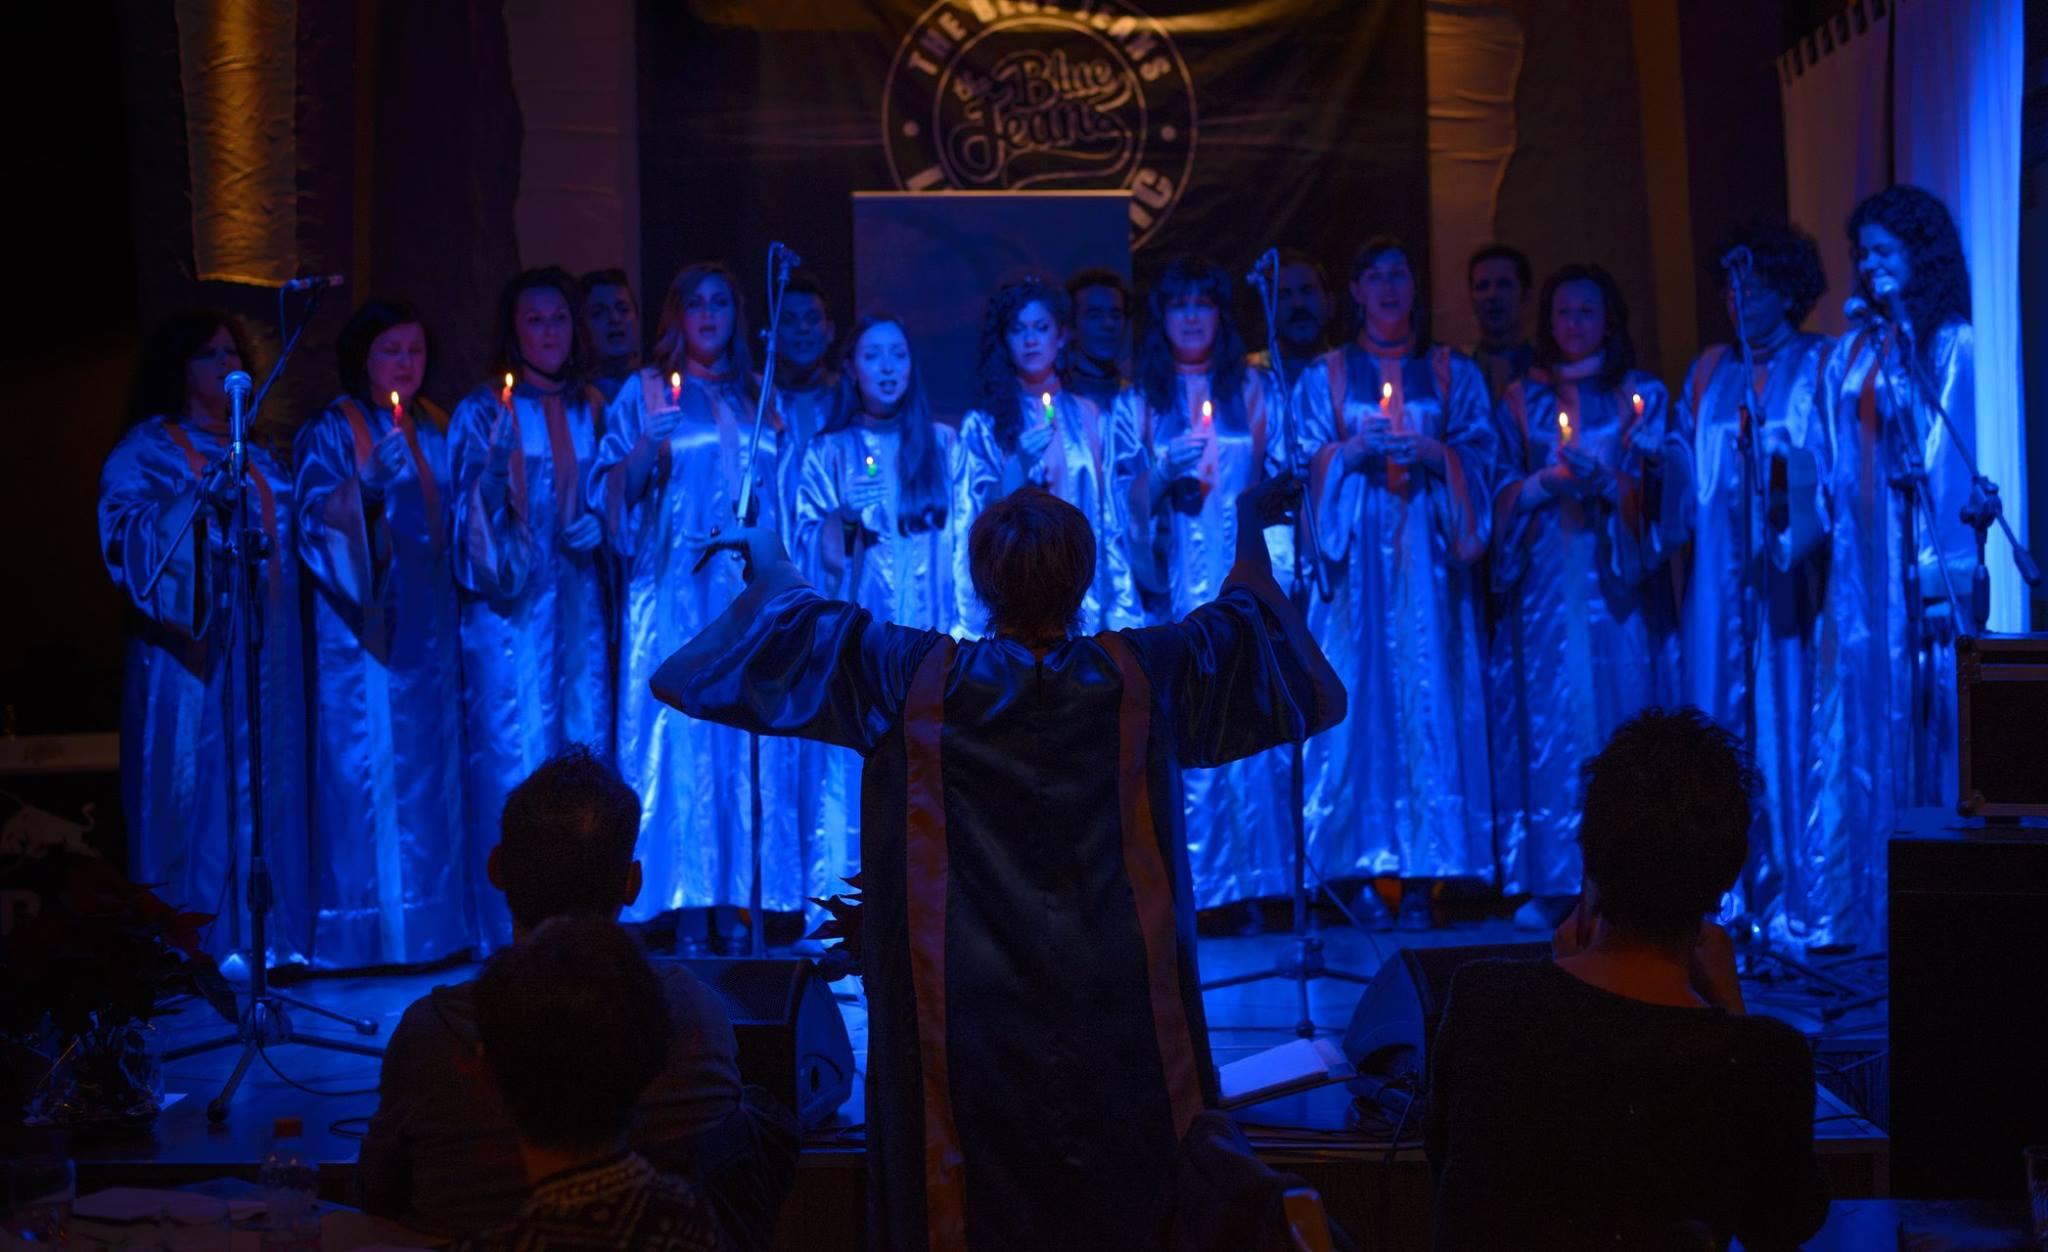 Natale Party 2015 con coro